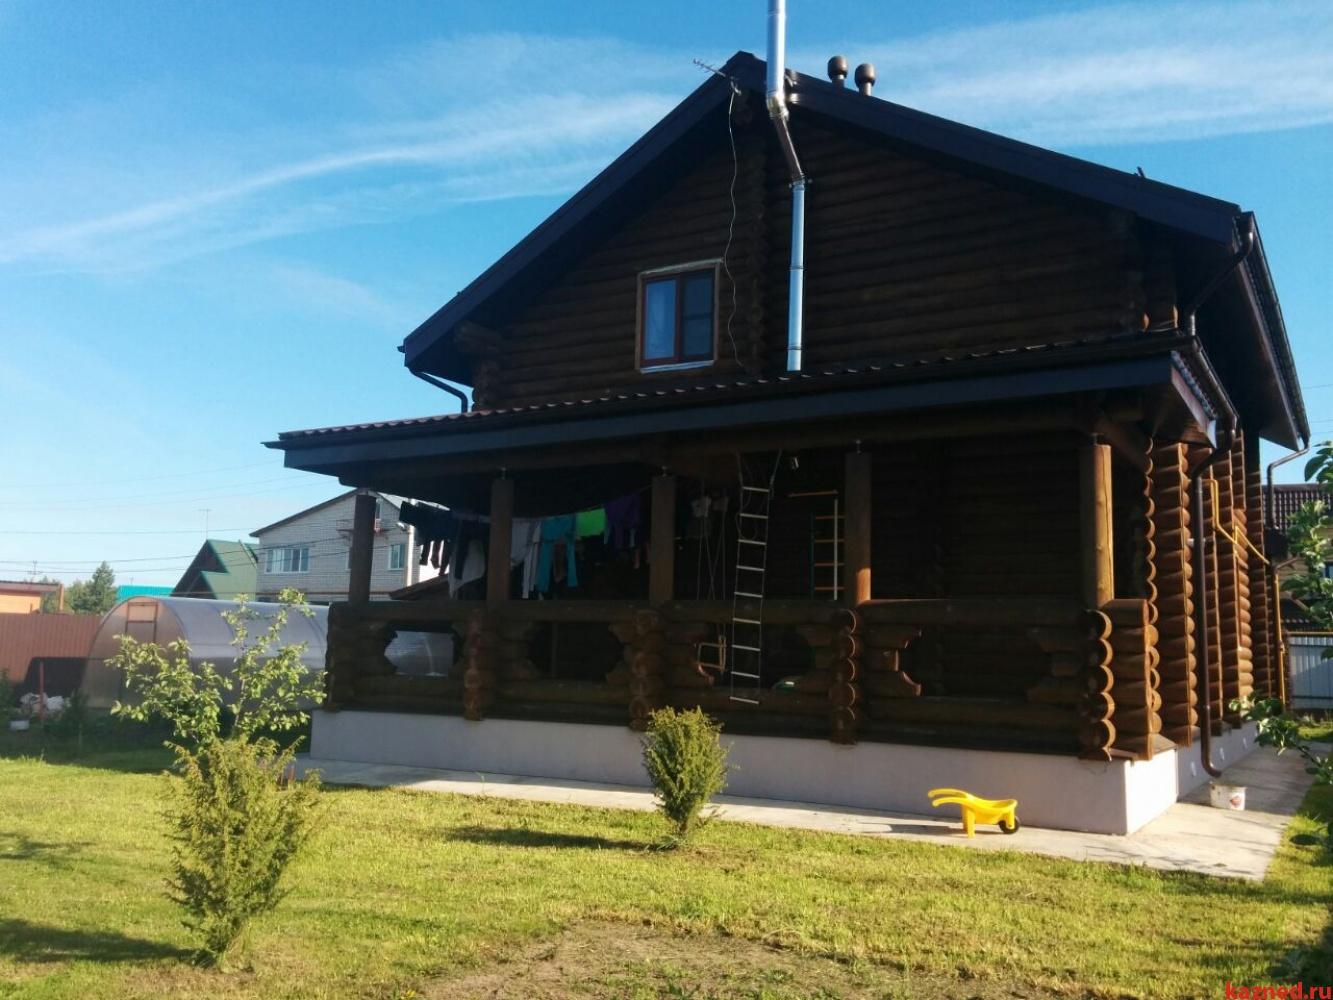 Продажа  Дома Пос. Кульсеитово Светозарная д.8, 165 м2  (миниатюра №3)